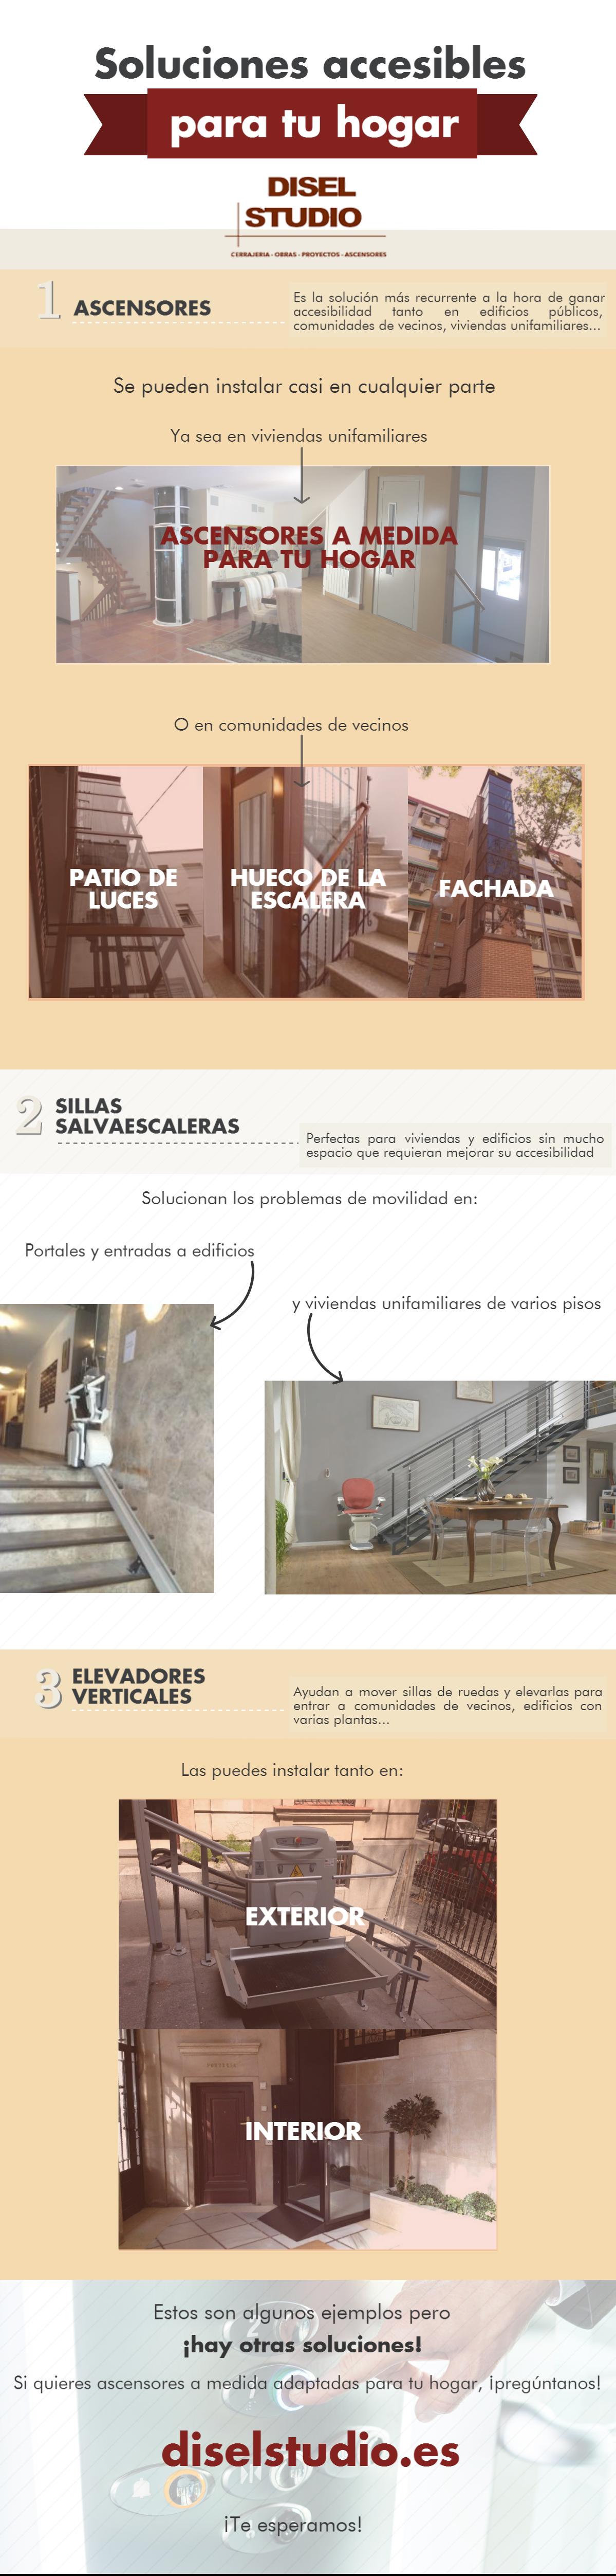 instalacion de ascensores y soluciones accesibles para tu hogar